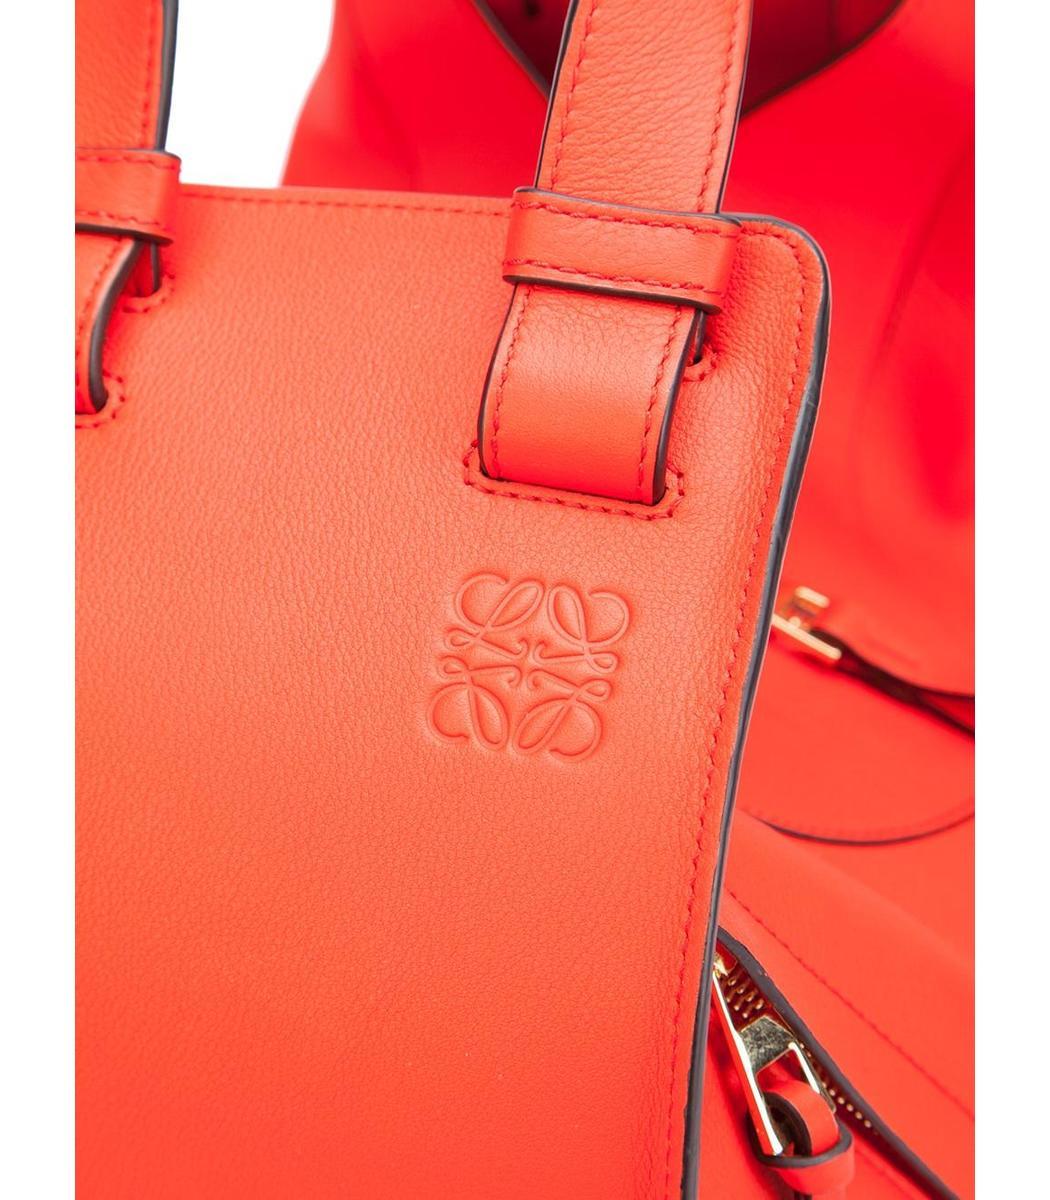 prev - Loewe Red 'Hammock' Bag - Red 'Hammock' Bag